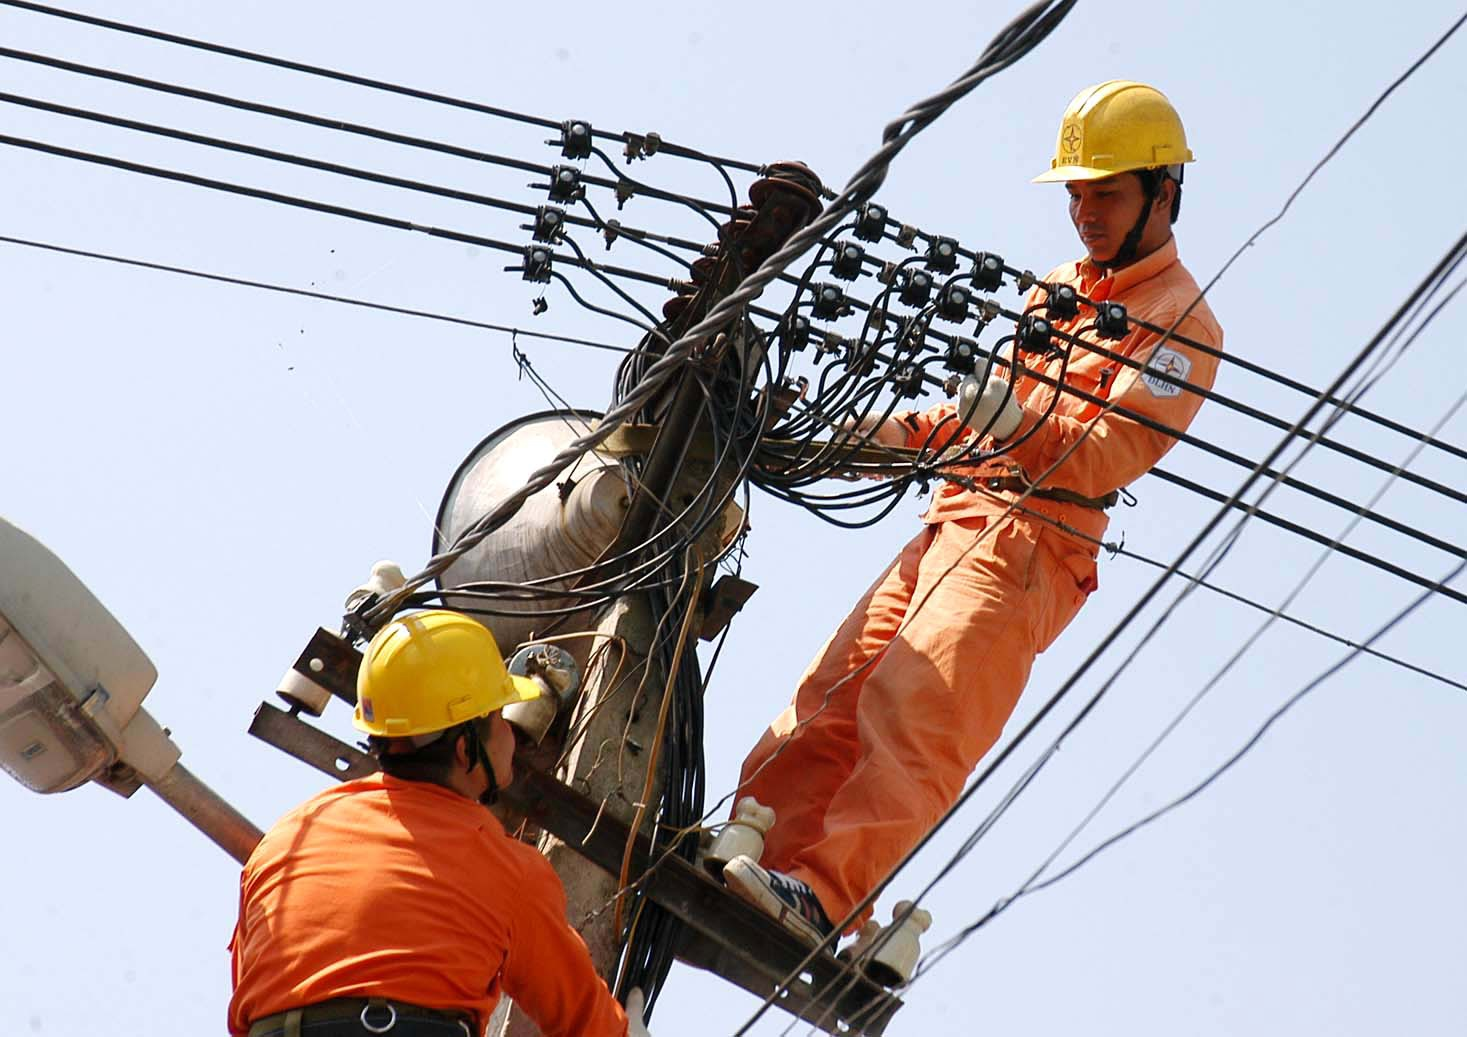 Ngành điện đừng dồn gánh nặng lên người dân